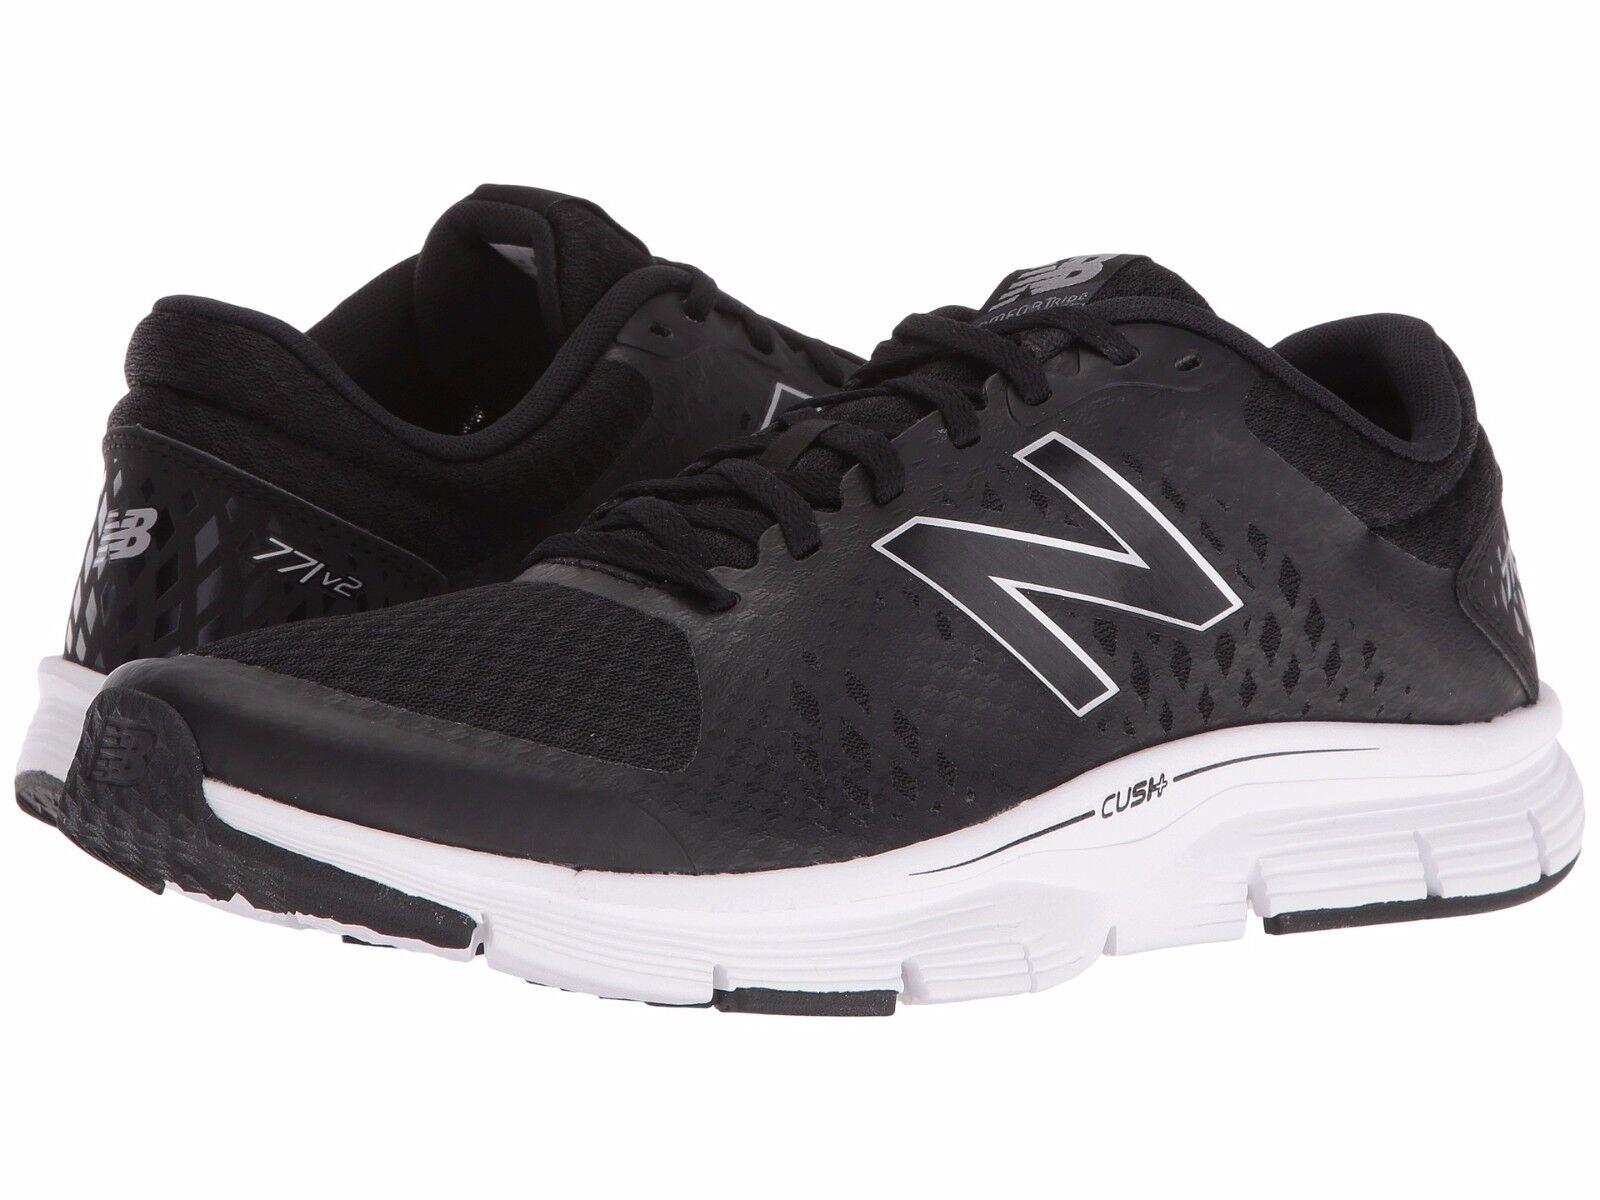 Solde Nib New Balance 771 Me771 Homme shoes Course D&4e Large Largeur 460